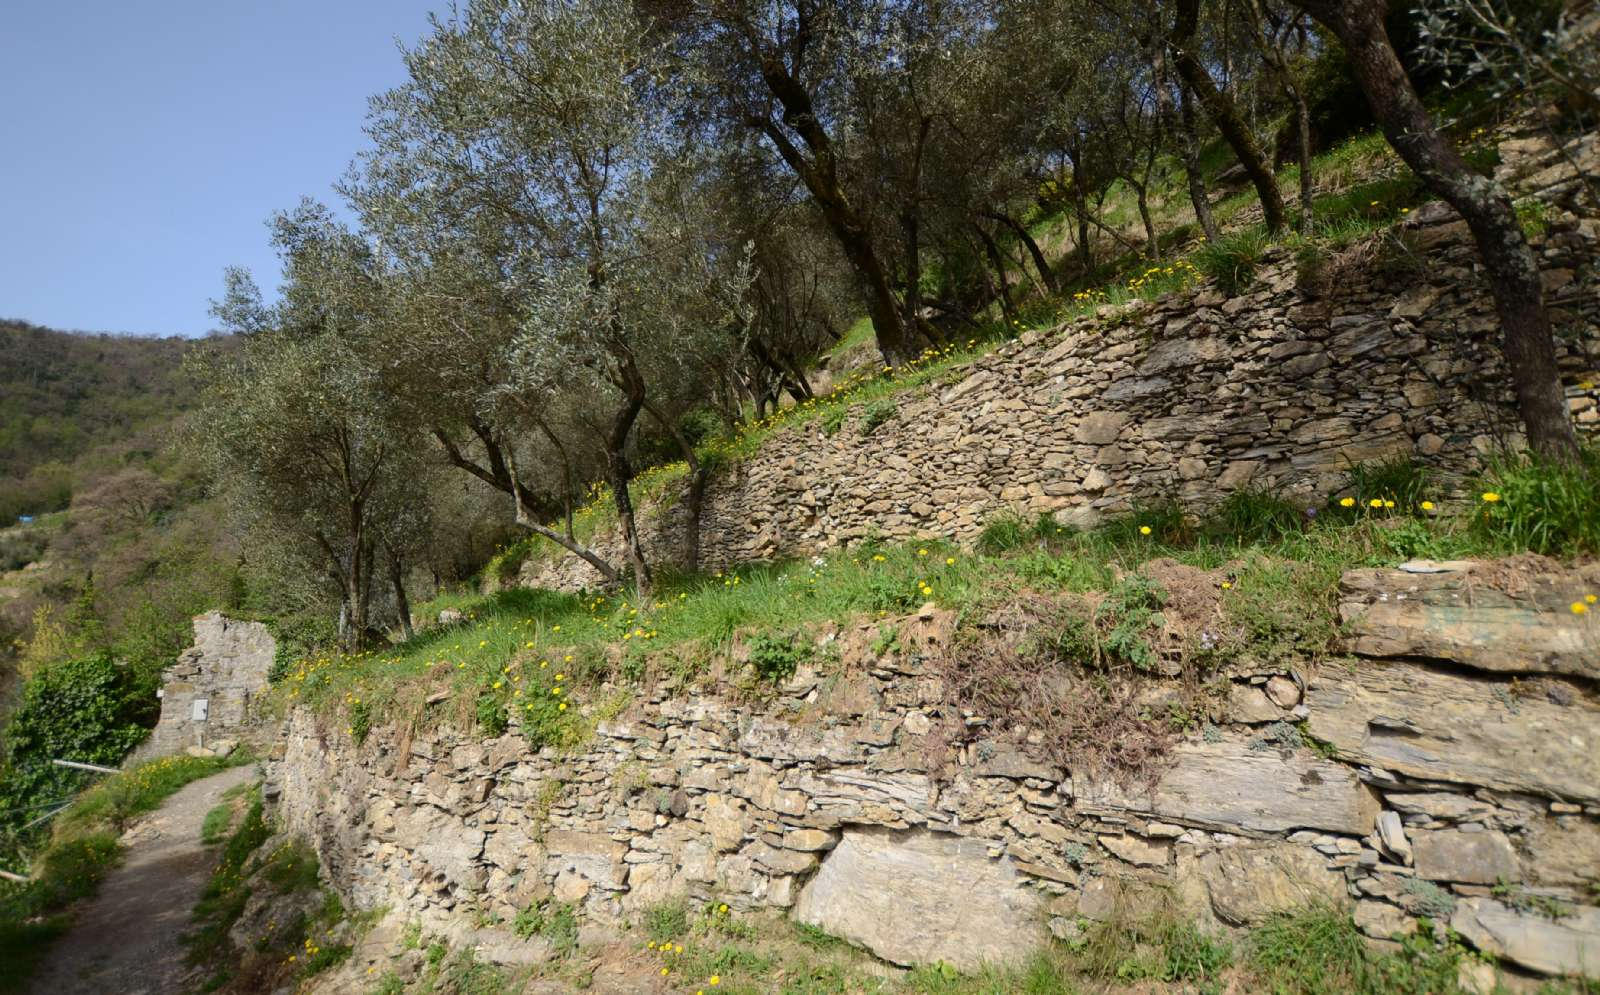 Classic Ligurian landscape with soil terraces